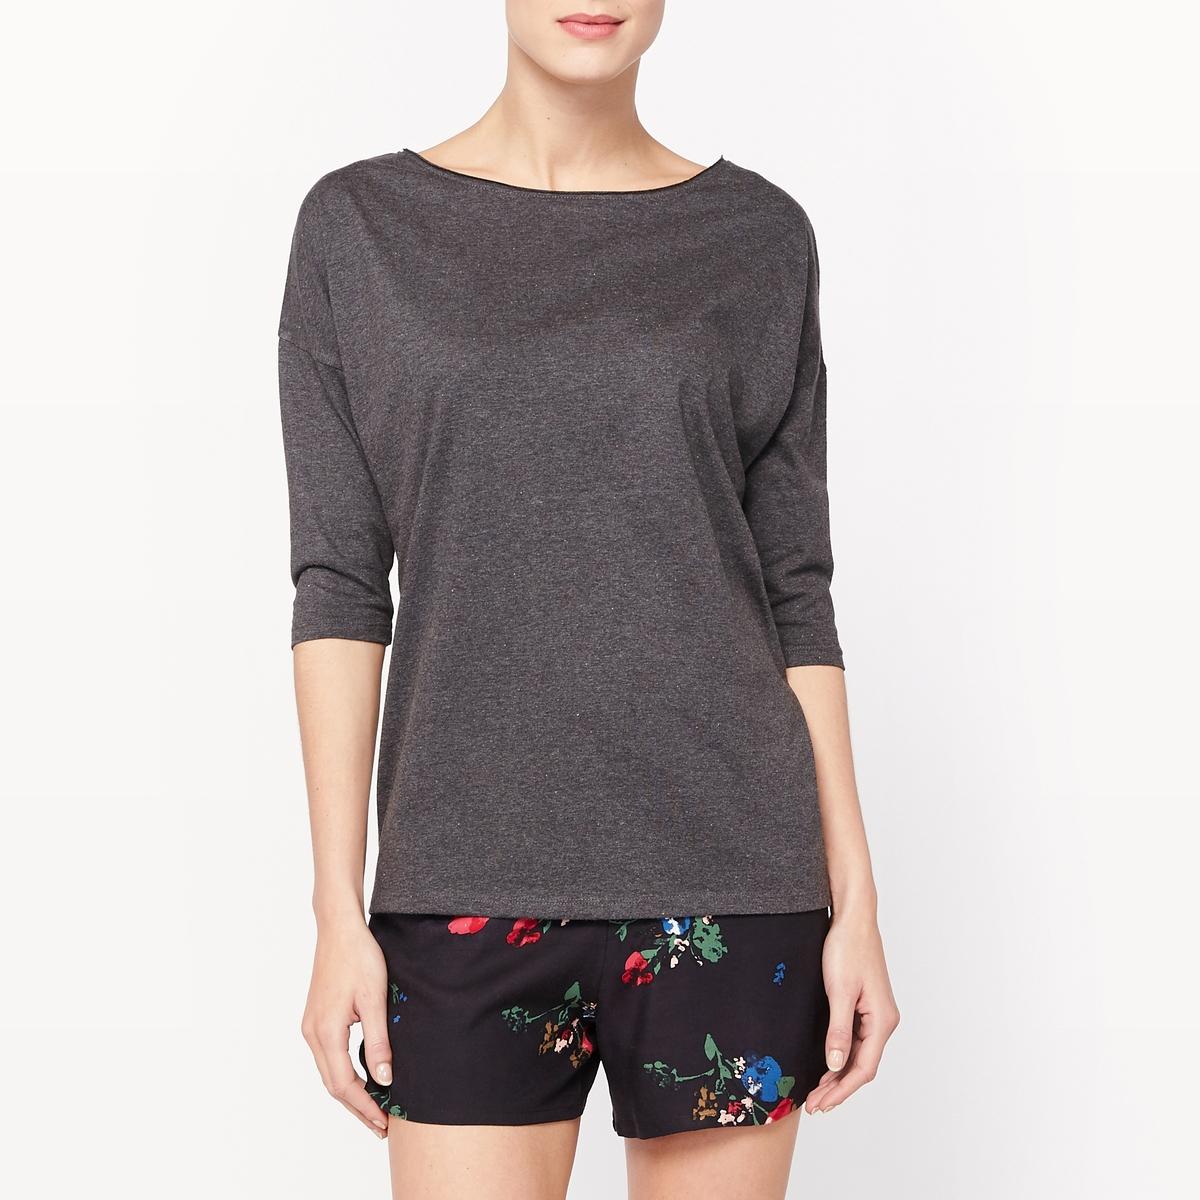 Пижама с шортами с рукавами 3/4Пижама с шортами. Футболка однотонного цвета из меланжевого трикотажа, вырез-лодочка. Приспущенные проймы, рукава 3/4. Шорты с цветочным рисунком, эластичный пояс. Состав и описание :Материал : футболка, 53% полиэстера, 47% хлопкаМатериал : шорты, 100% вискозаДлина : футболка 65 смДлина по внутр.шву : 6 смУход :Машинная стирка при 30 °C.Стирать с вещами схожих цветов.Гладить с изнаночной стороны.<br><br>Цвет: цветочный рисунок<br>Размер: 50 (FR) - 56 (RUS).46 (FR) - 52 (RUS).42 (FR) - 48 (RUS).38 (FR) - 44 (RUS).36 (FR) - 42 (RUS)